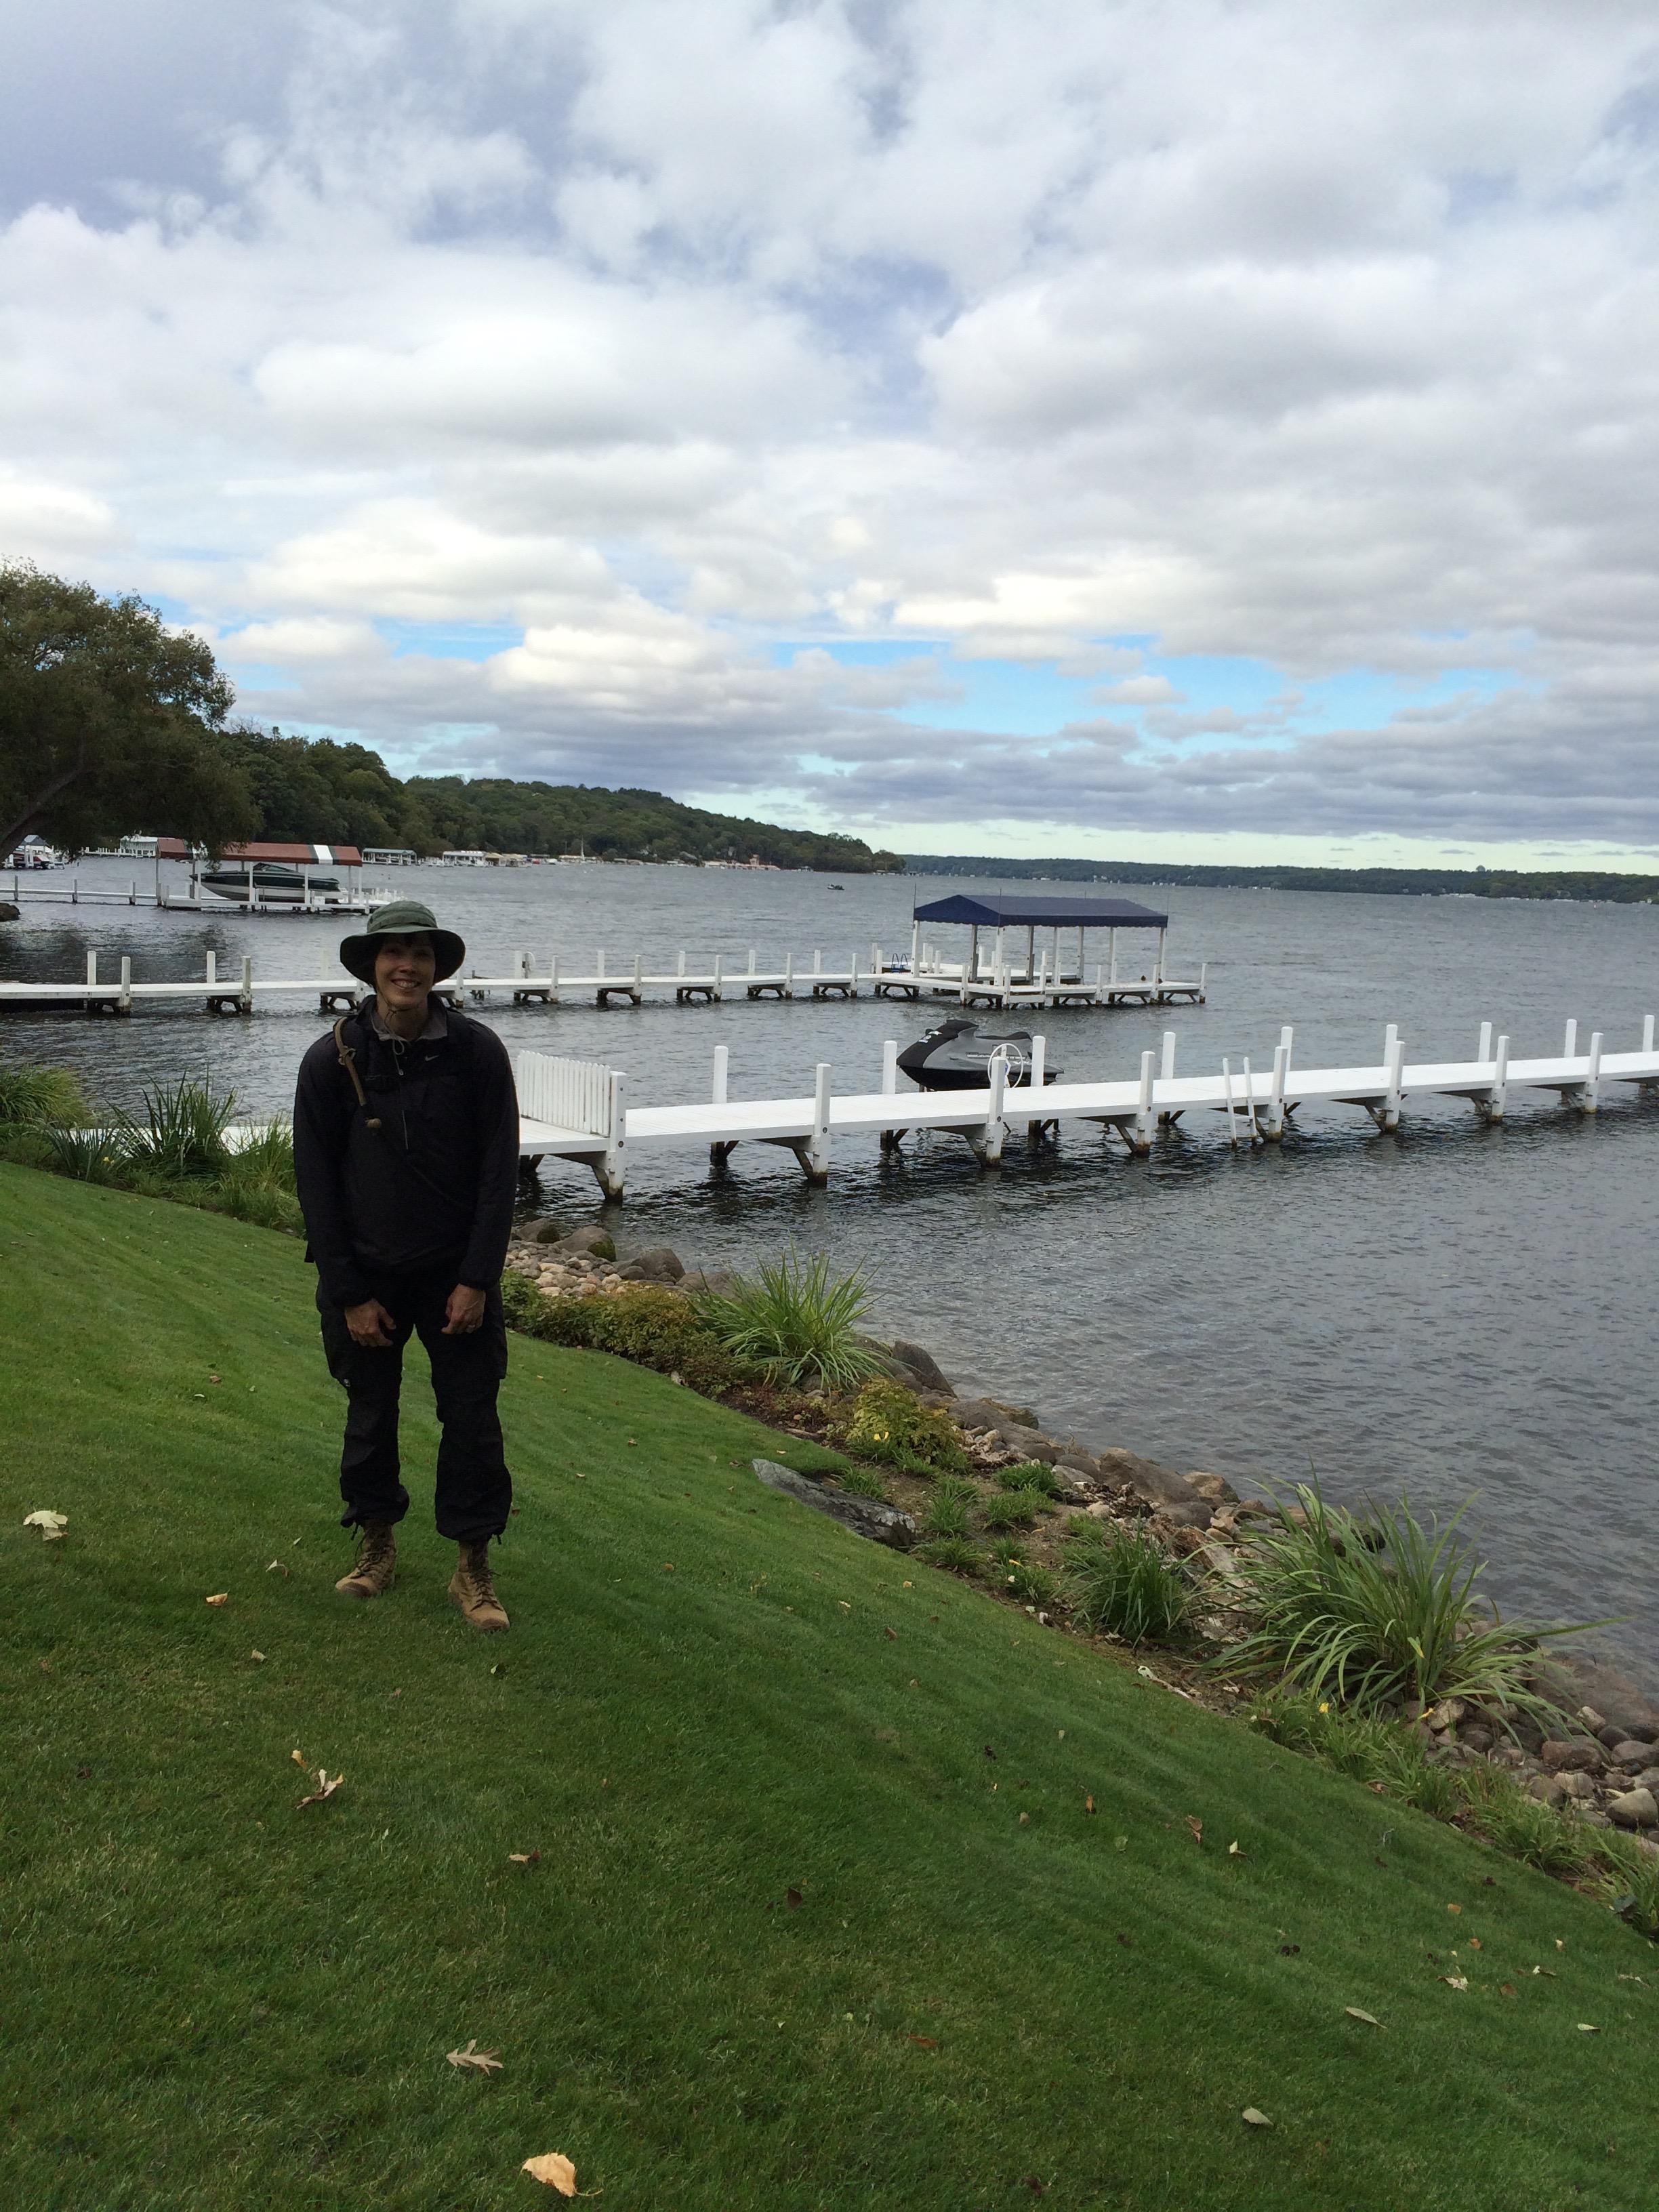 Me in front of some random boat docks.